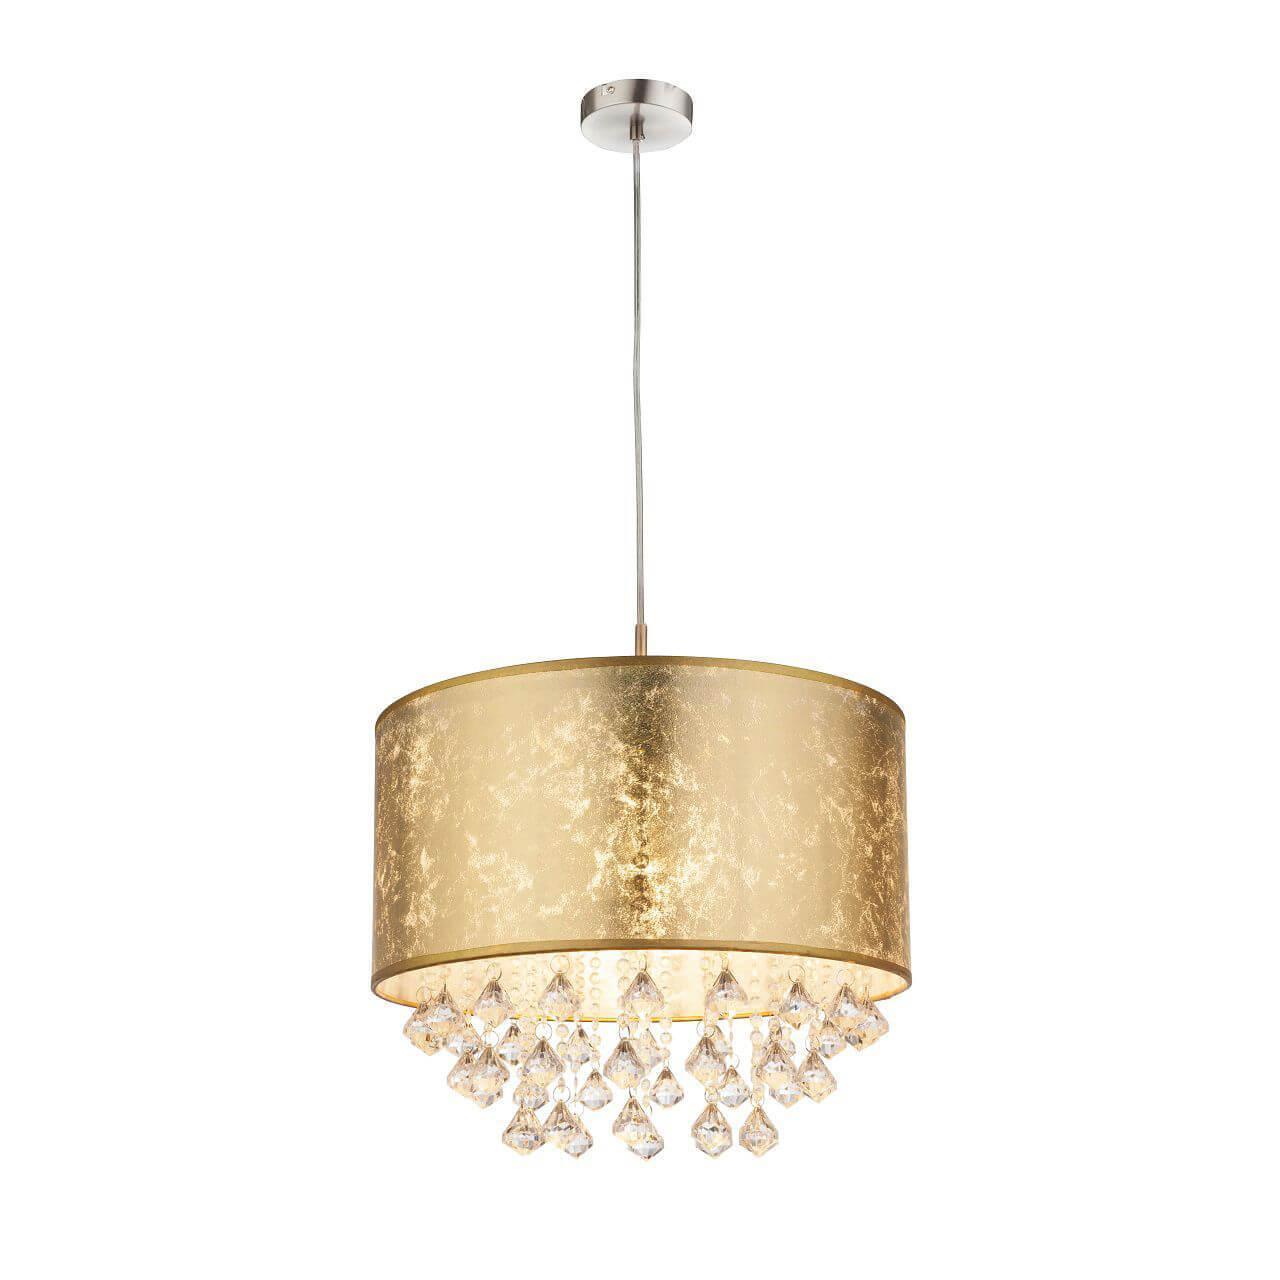 Подвесной светильник Globo 15187H3, E27, 60 Вт подвесной светильник globo amy 15187h3